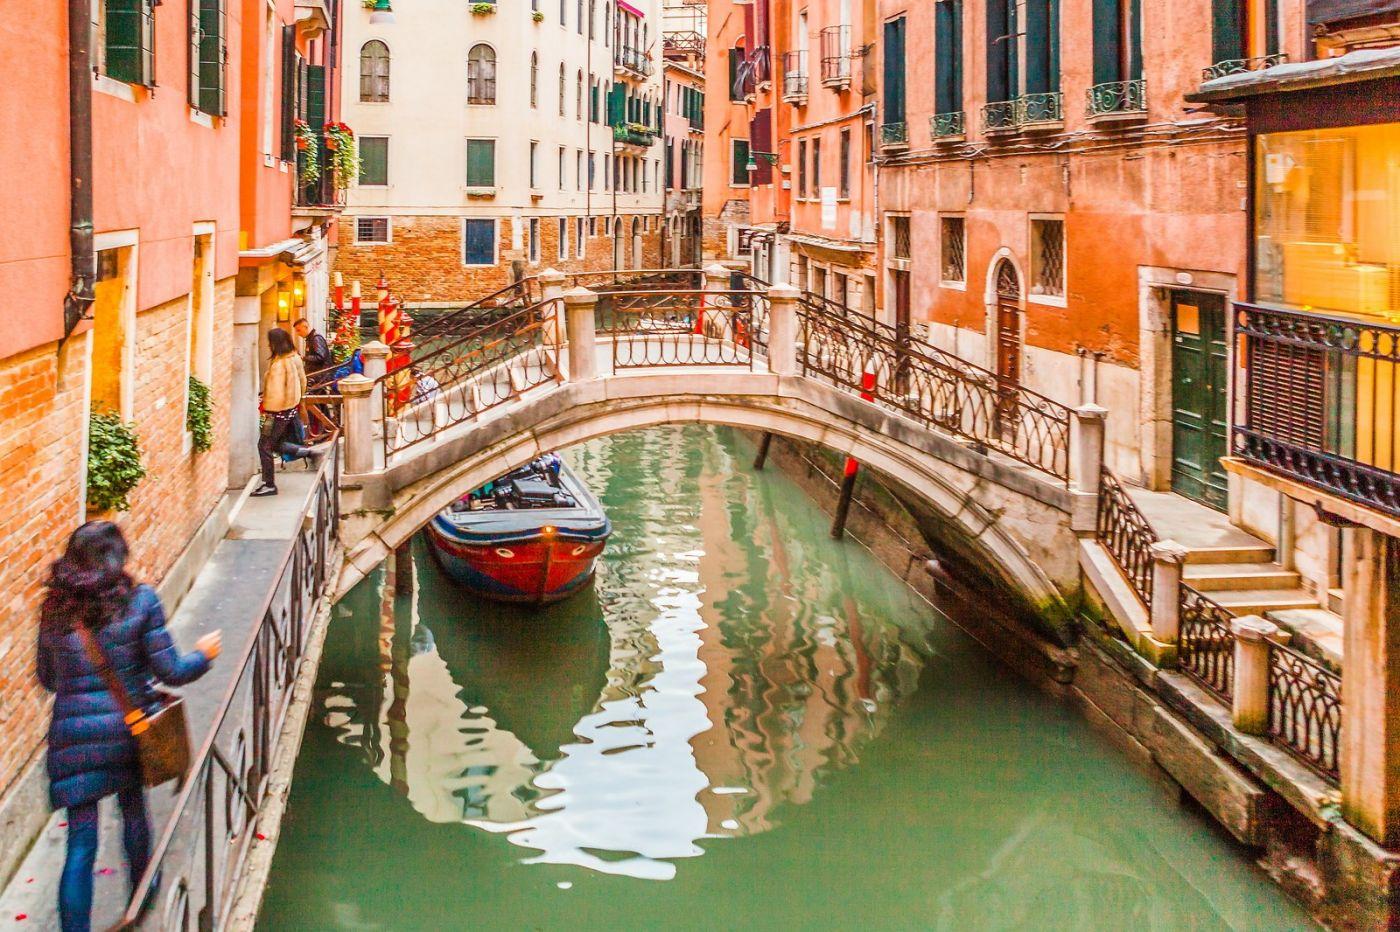 意大利威尼斯,桥的艺术_图1-11